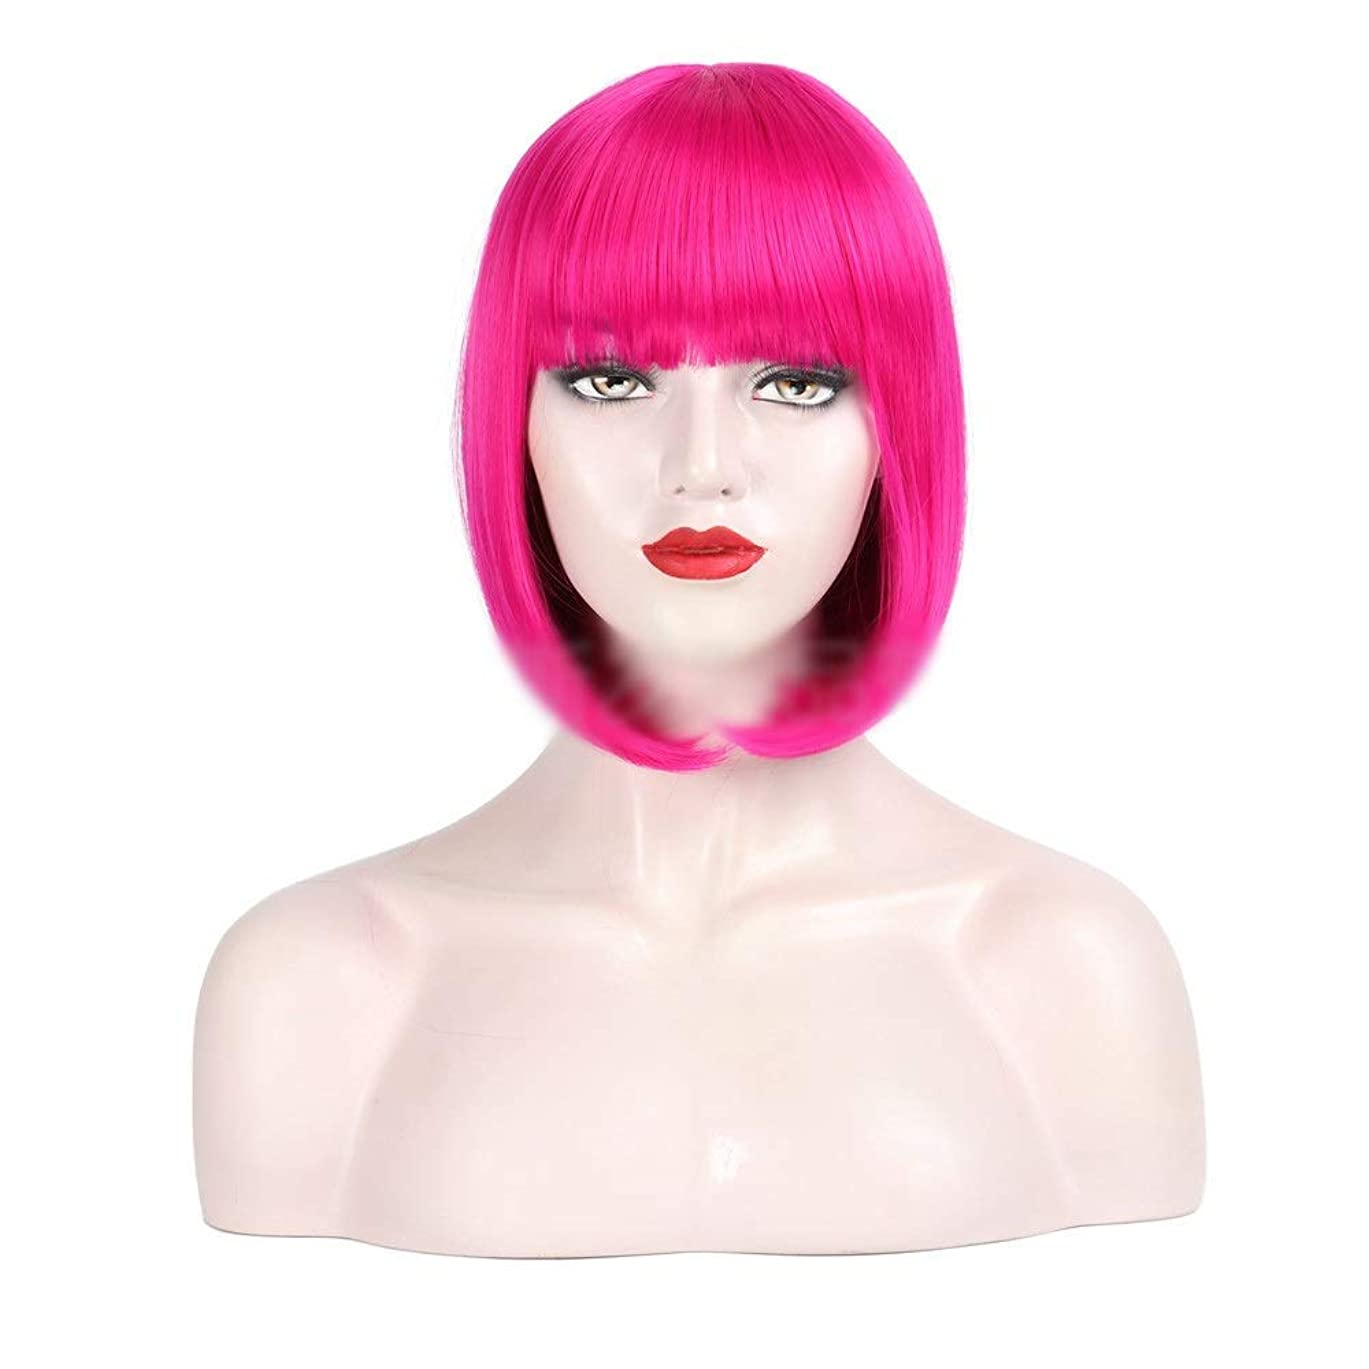 シュガー尊敬平らにするHOHYLLYA 30センチコスプレパーティーウィッグローズレッドボブウィッグふわふわショートストレートヘア用女性パーティーウィッグ (色 : ローズレッド)